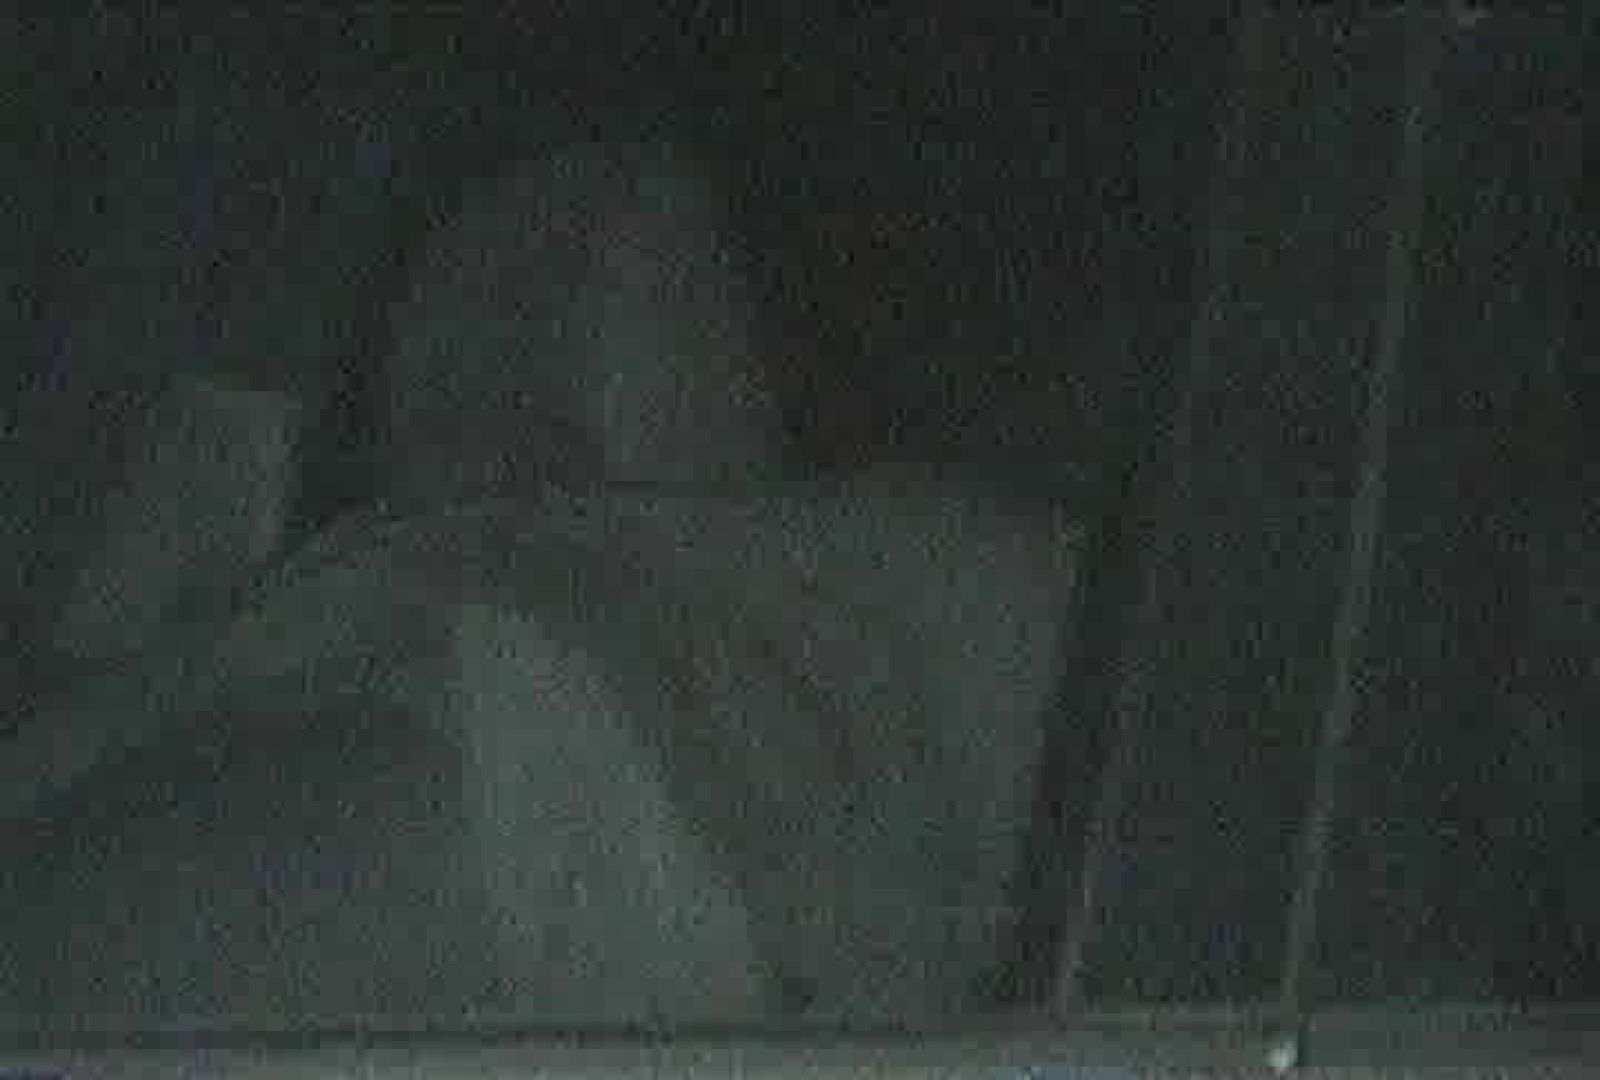 充血監督の深夜の運動会Vol.85 エロティックなOL ぱこり動画紹介 100画像 44